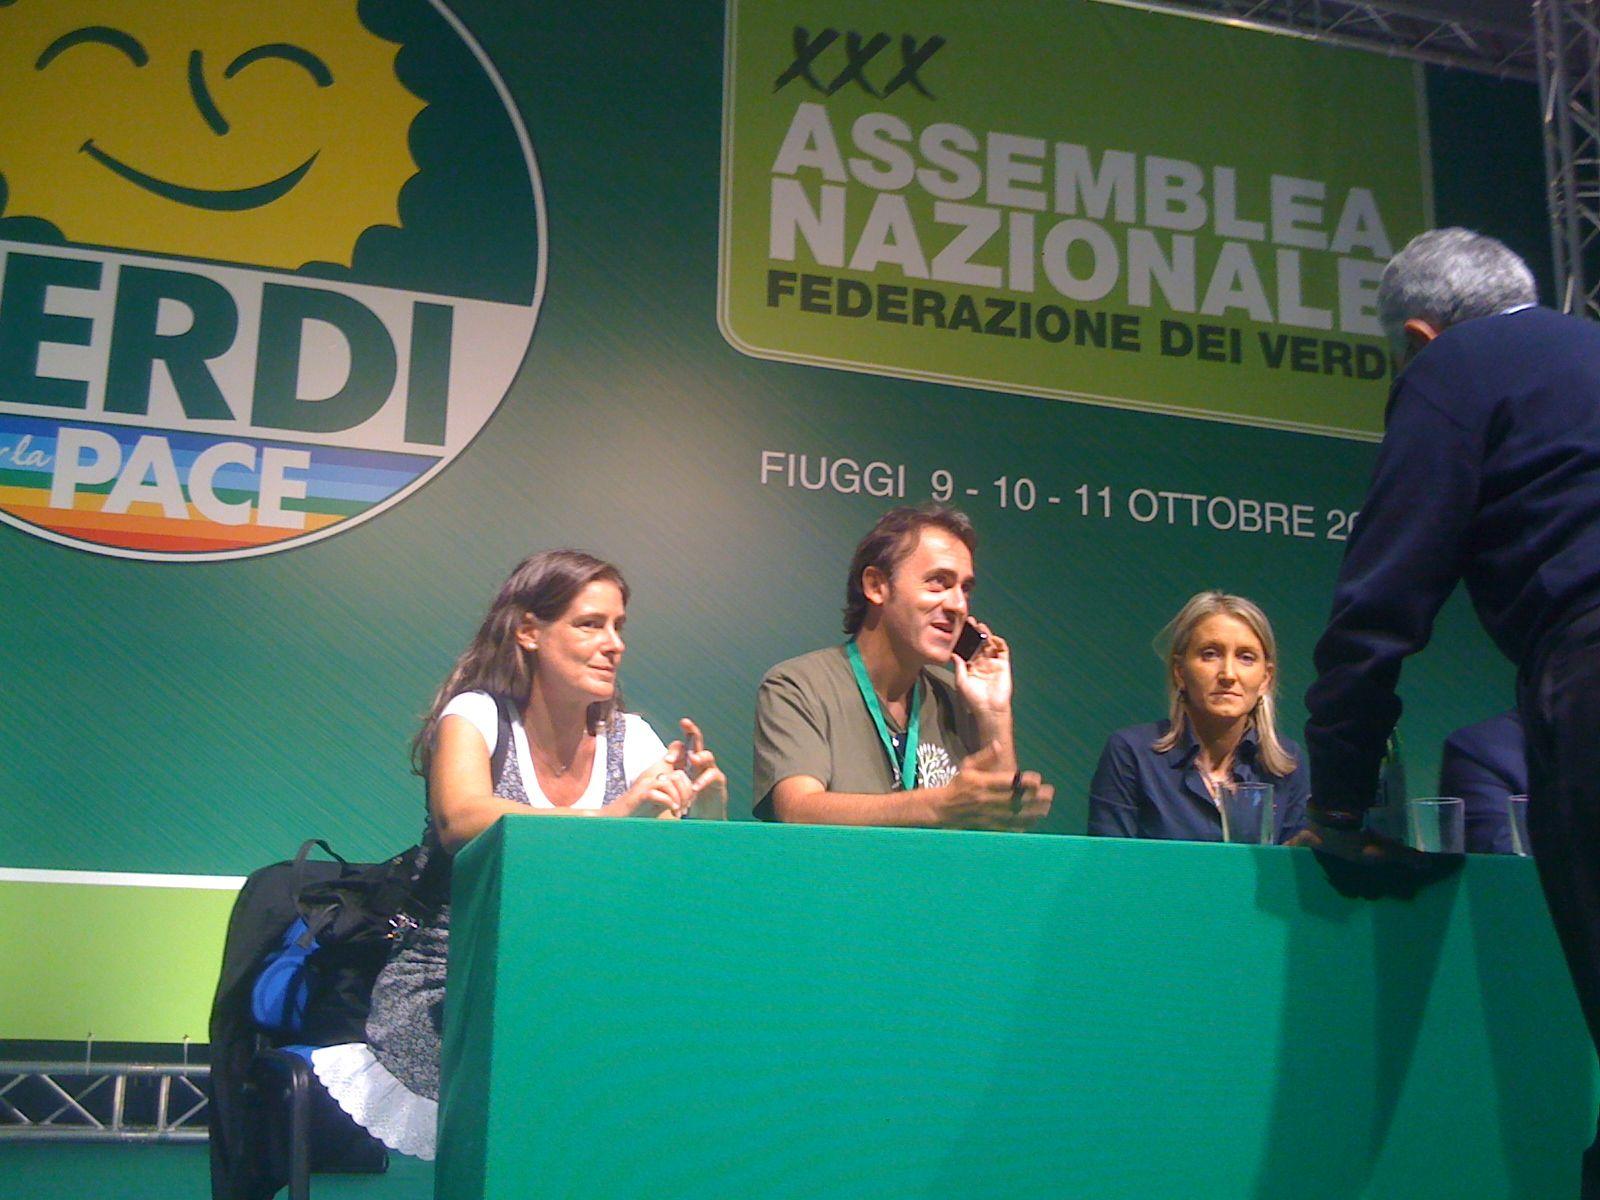 """<div class=""""at-above-post-arch-page addthis_tool"""" data-url=""""http://www.verdi.ferrara.it/sito/2009/10/13/abbiamo-vinto/""""></div>Angelo Bonelli, 47 anni, gia' capogruppo dei verdi alla Camera, è il nuovo Presidente dei Verdi uscito dal Congresso di Fiuggi del 9-10-11 ottobre. Stop a sinistra e liberta', via […]<!-- AddThis Advanced Settings above via filter on get_the_excerpt --><!-- AddThis Advanced Settings below via filter on get_the_excerpt --><!-- AddThis Advanced Settings generic via filter on get_the_excerpt --><!-- AddThis Share Buttons above via filter on get_the_excerpt --><!-- AddThis Share Buttons below via filter on get_the_excerpt --><div class=""""at-below-post-arch-page addthis_tool"""" data-url=""""http://www.verdi.ferrara.it/sito/2009/10/13/abbiamo-vinto/""""></div><!-- AddThis Share Buttons generic via filter on get_the_excerpt -->"""